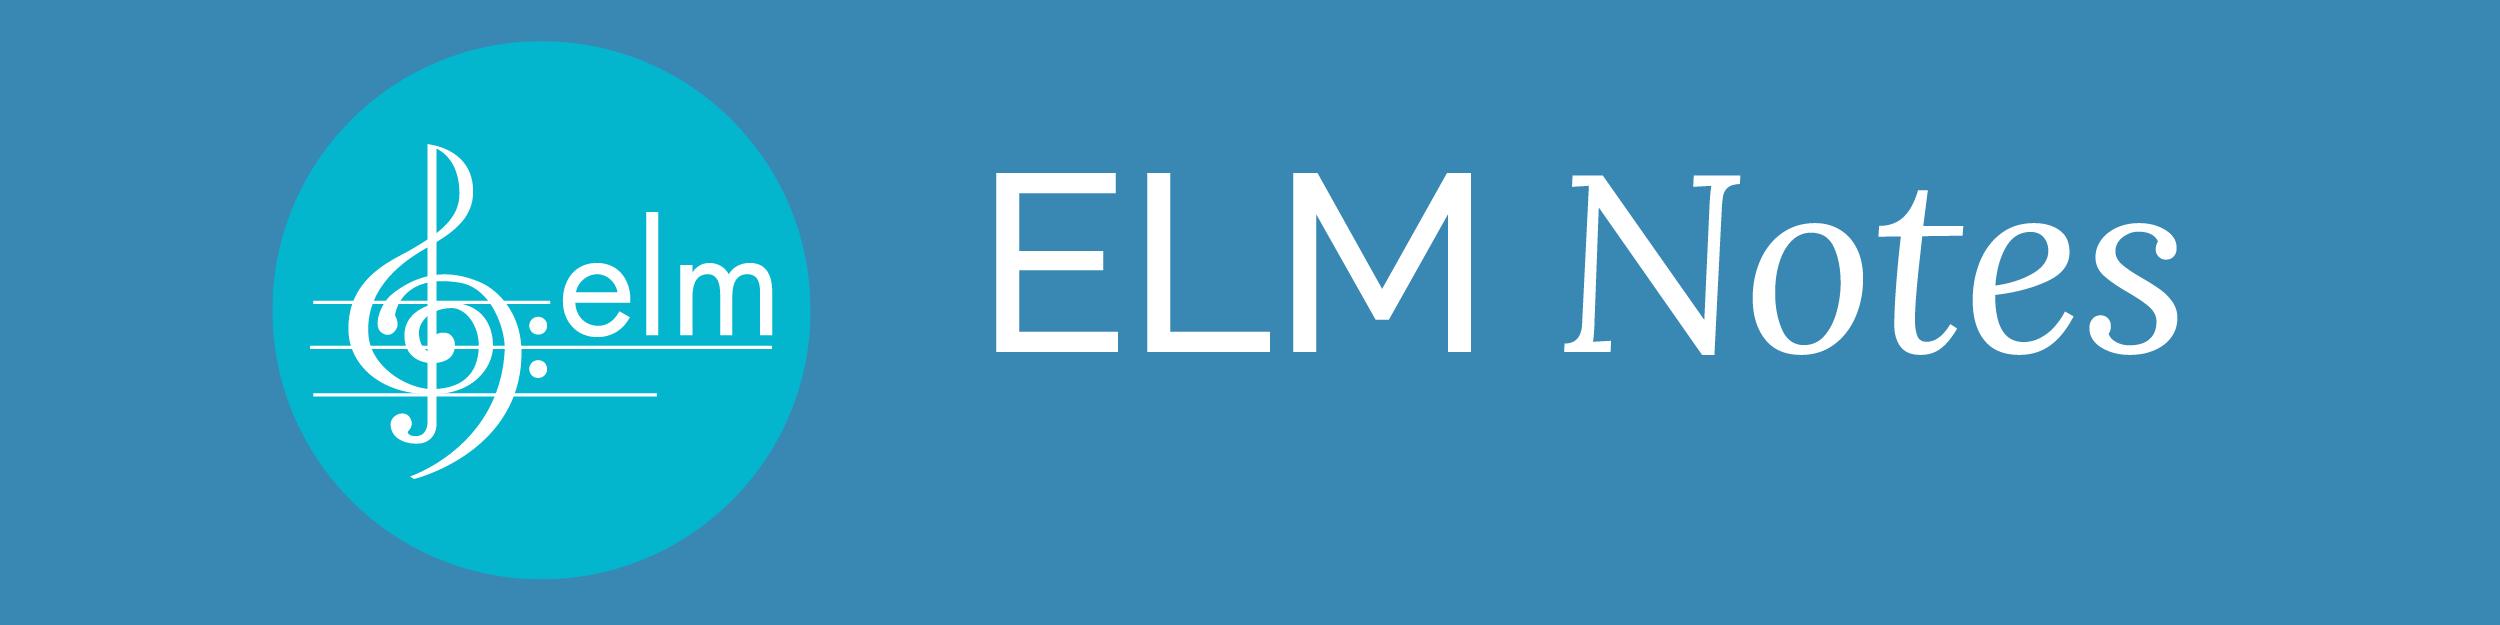 Newletter header_ELM Notes.png